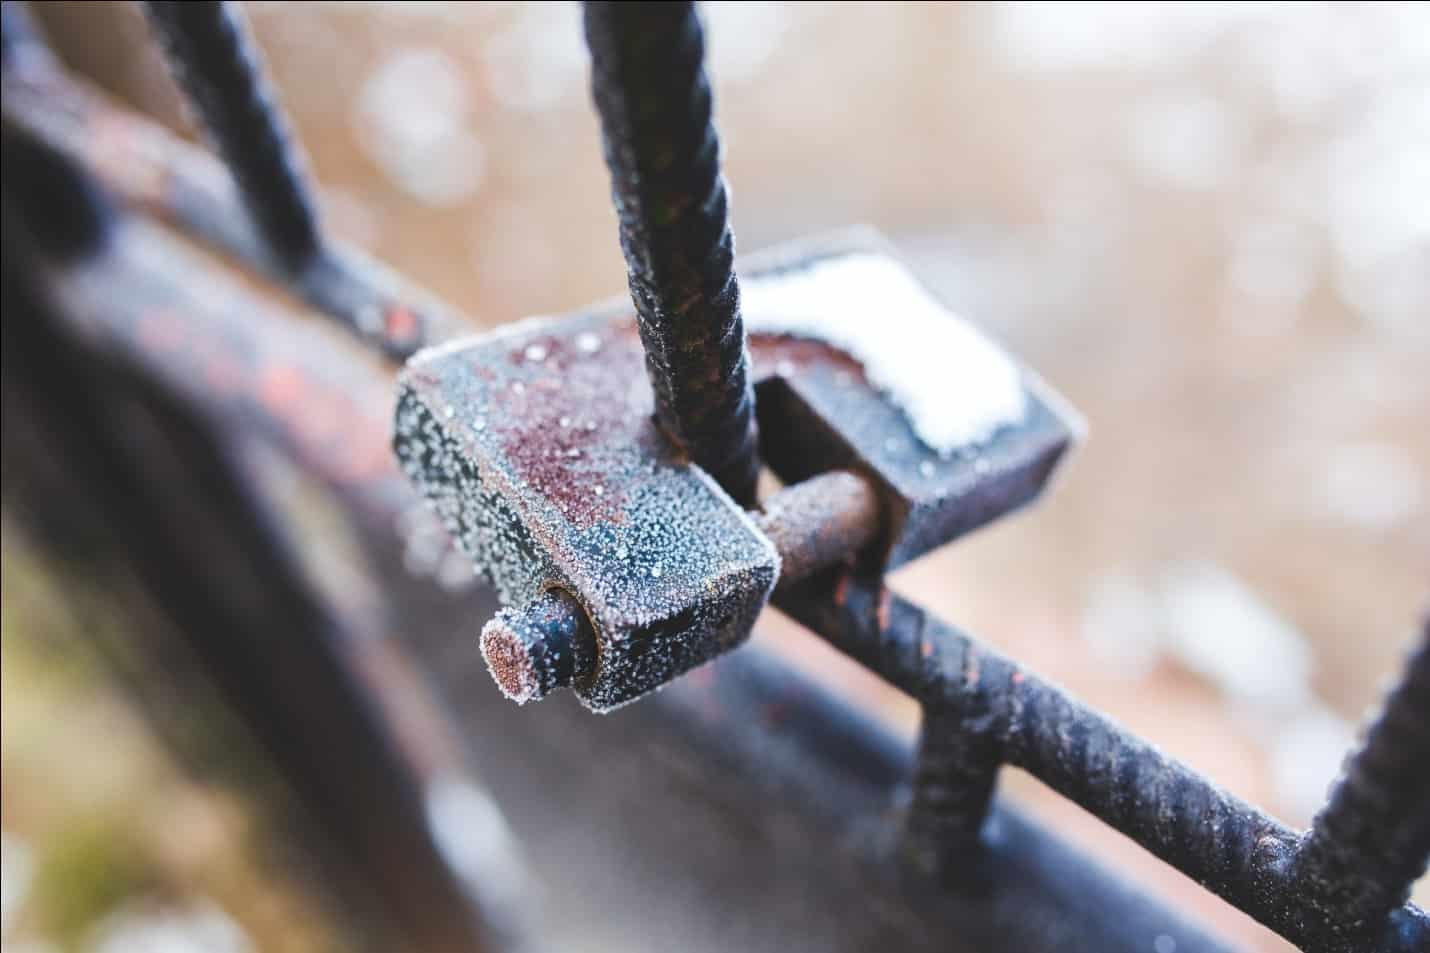 Förhindra lås från att frysa